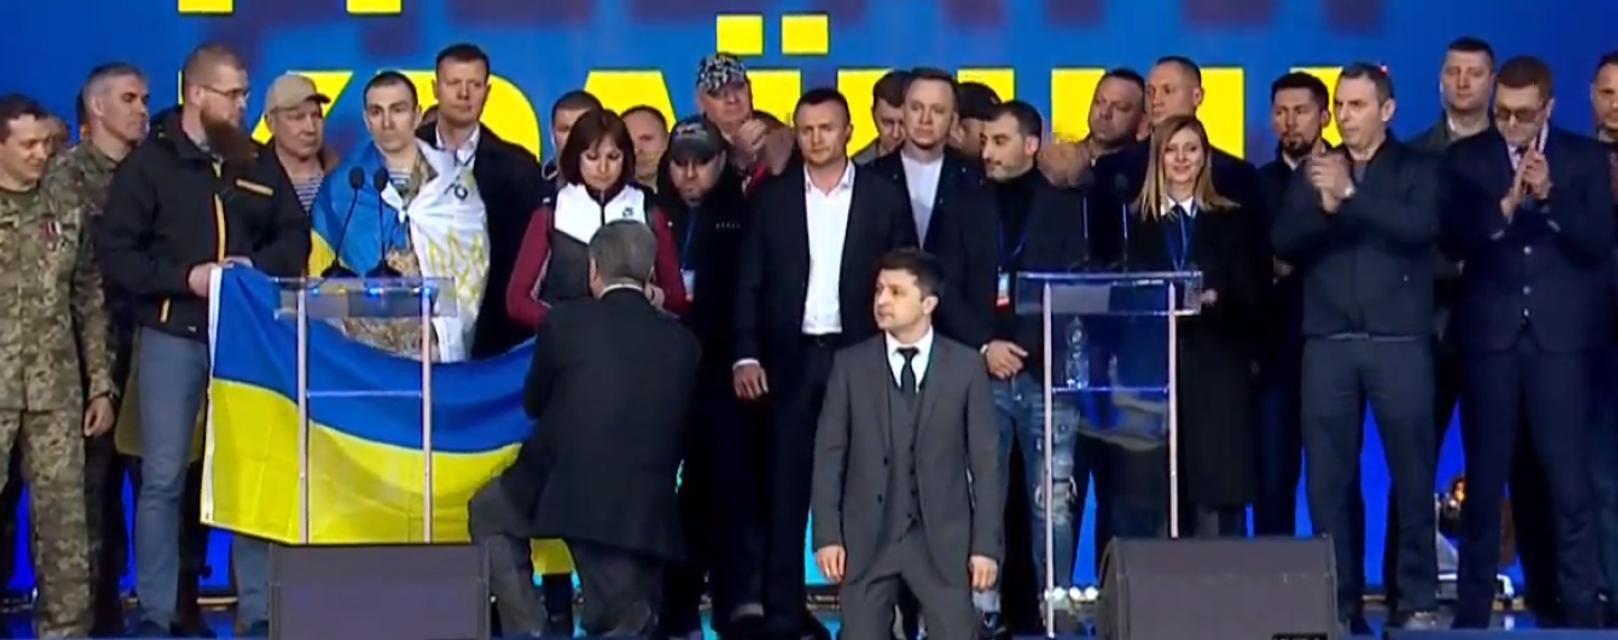 Зеленский президент: что станет с Украиной - фото 179951